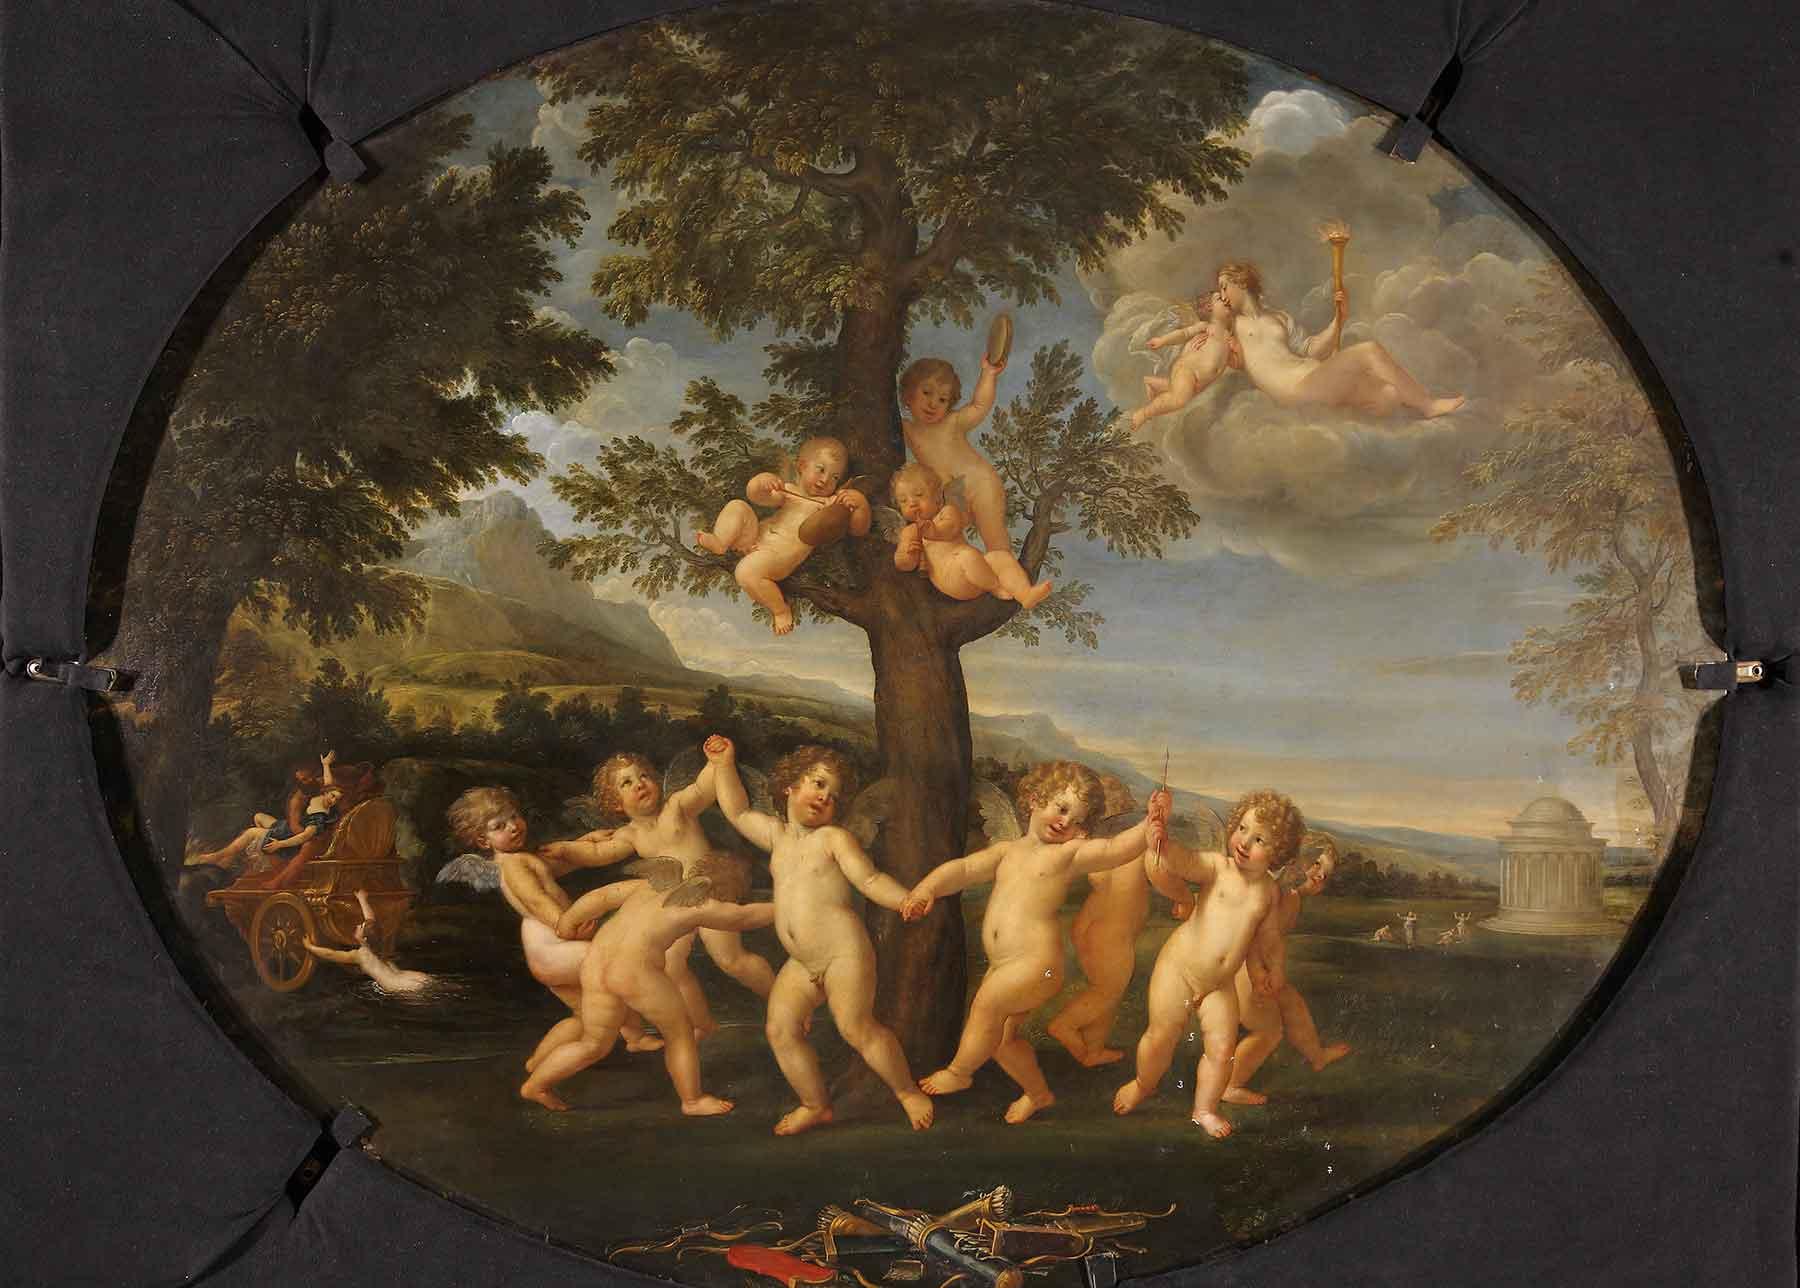 Il dipinto durante la pulitura: si notano le prove di pulitura effettuate sulle nuvole in alto a destra, vicino al tempietto, sulla montagna, nel prato e sugli incarnati degli  amorini (fig. 2)